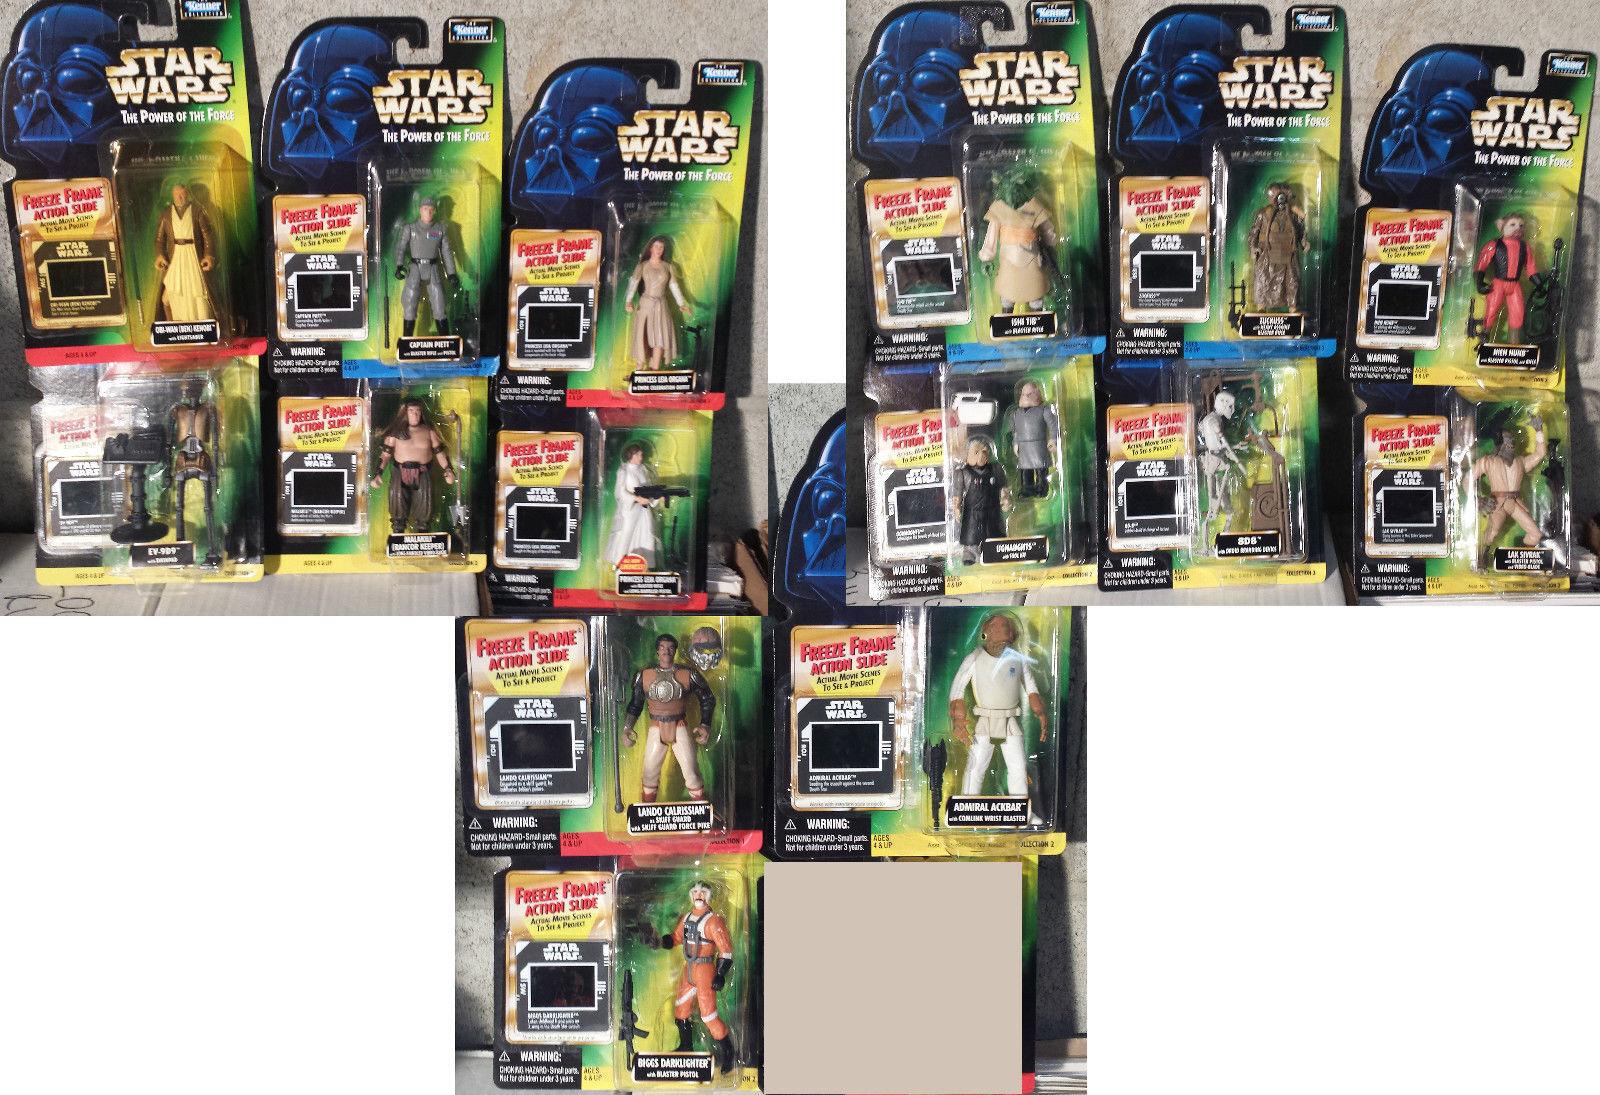 varios tamaños Estrella Wars  15  poder de la la la fuerza de figuras de acción Congelar fotograma  NUEVO sin abrir  8D8 Piett Leia  gran venta